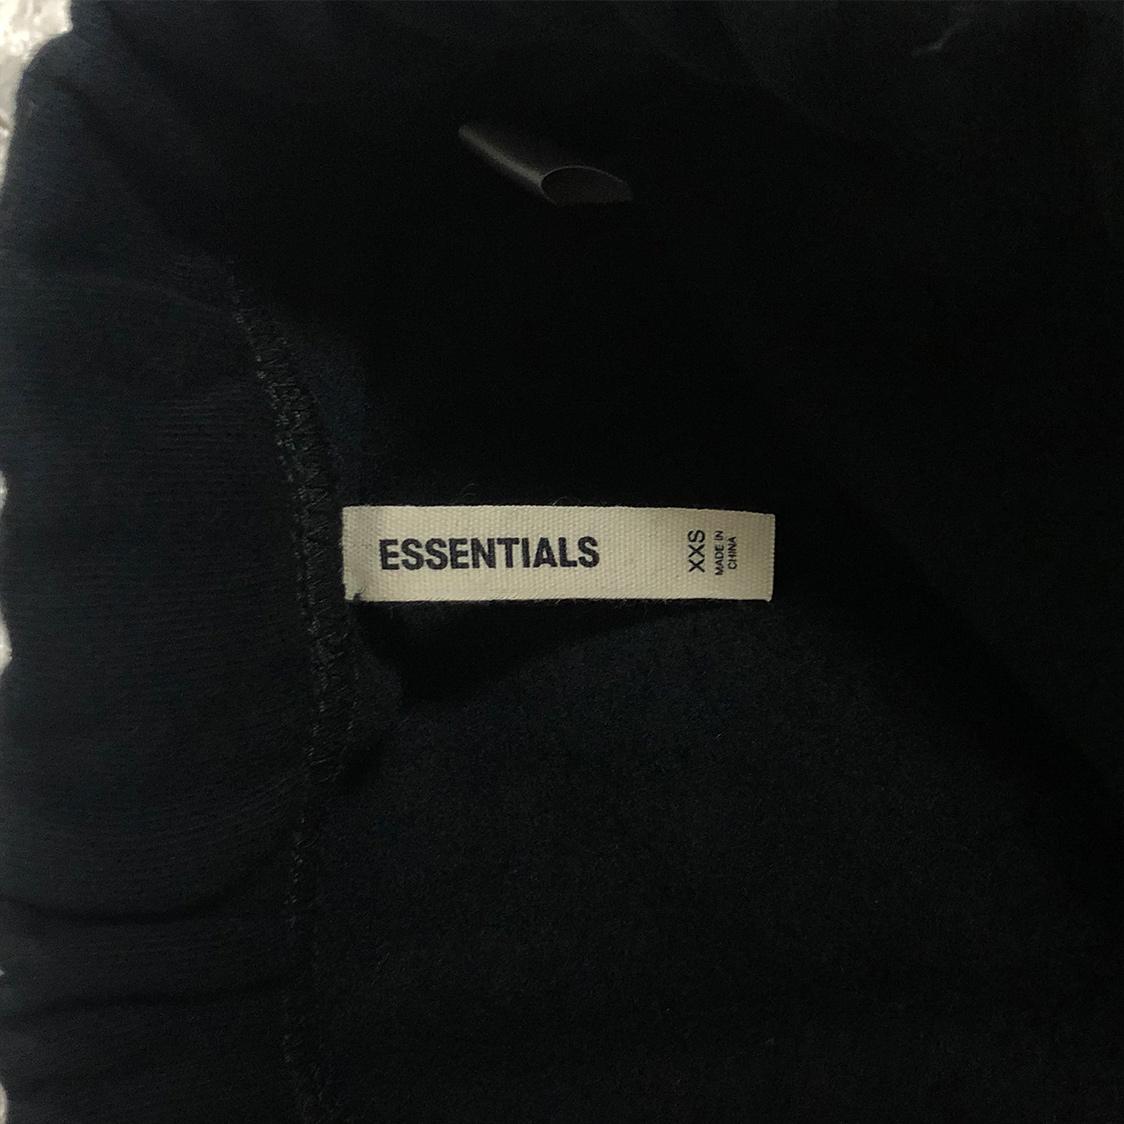 新品【XXSサイズ】FOG Fear Of God Essentials フィアオブゴッド エッセンシャルズ スウェット パンツ ブラック フォグ エッセンシャル【PACSUN購入 正規品】